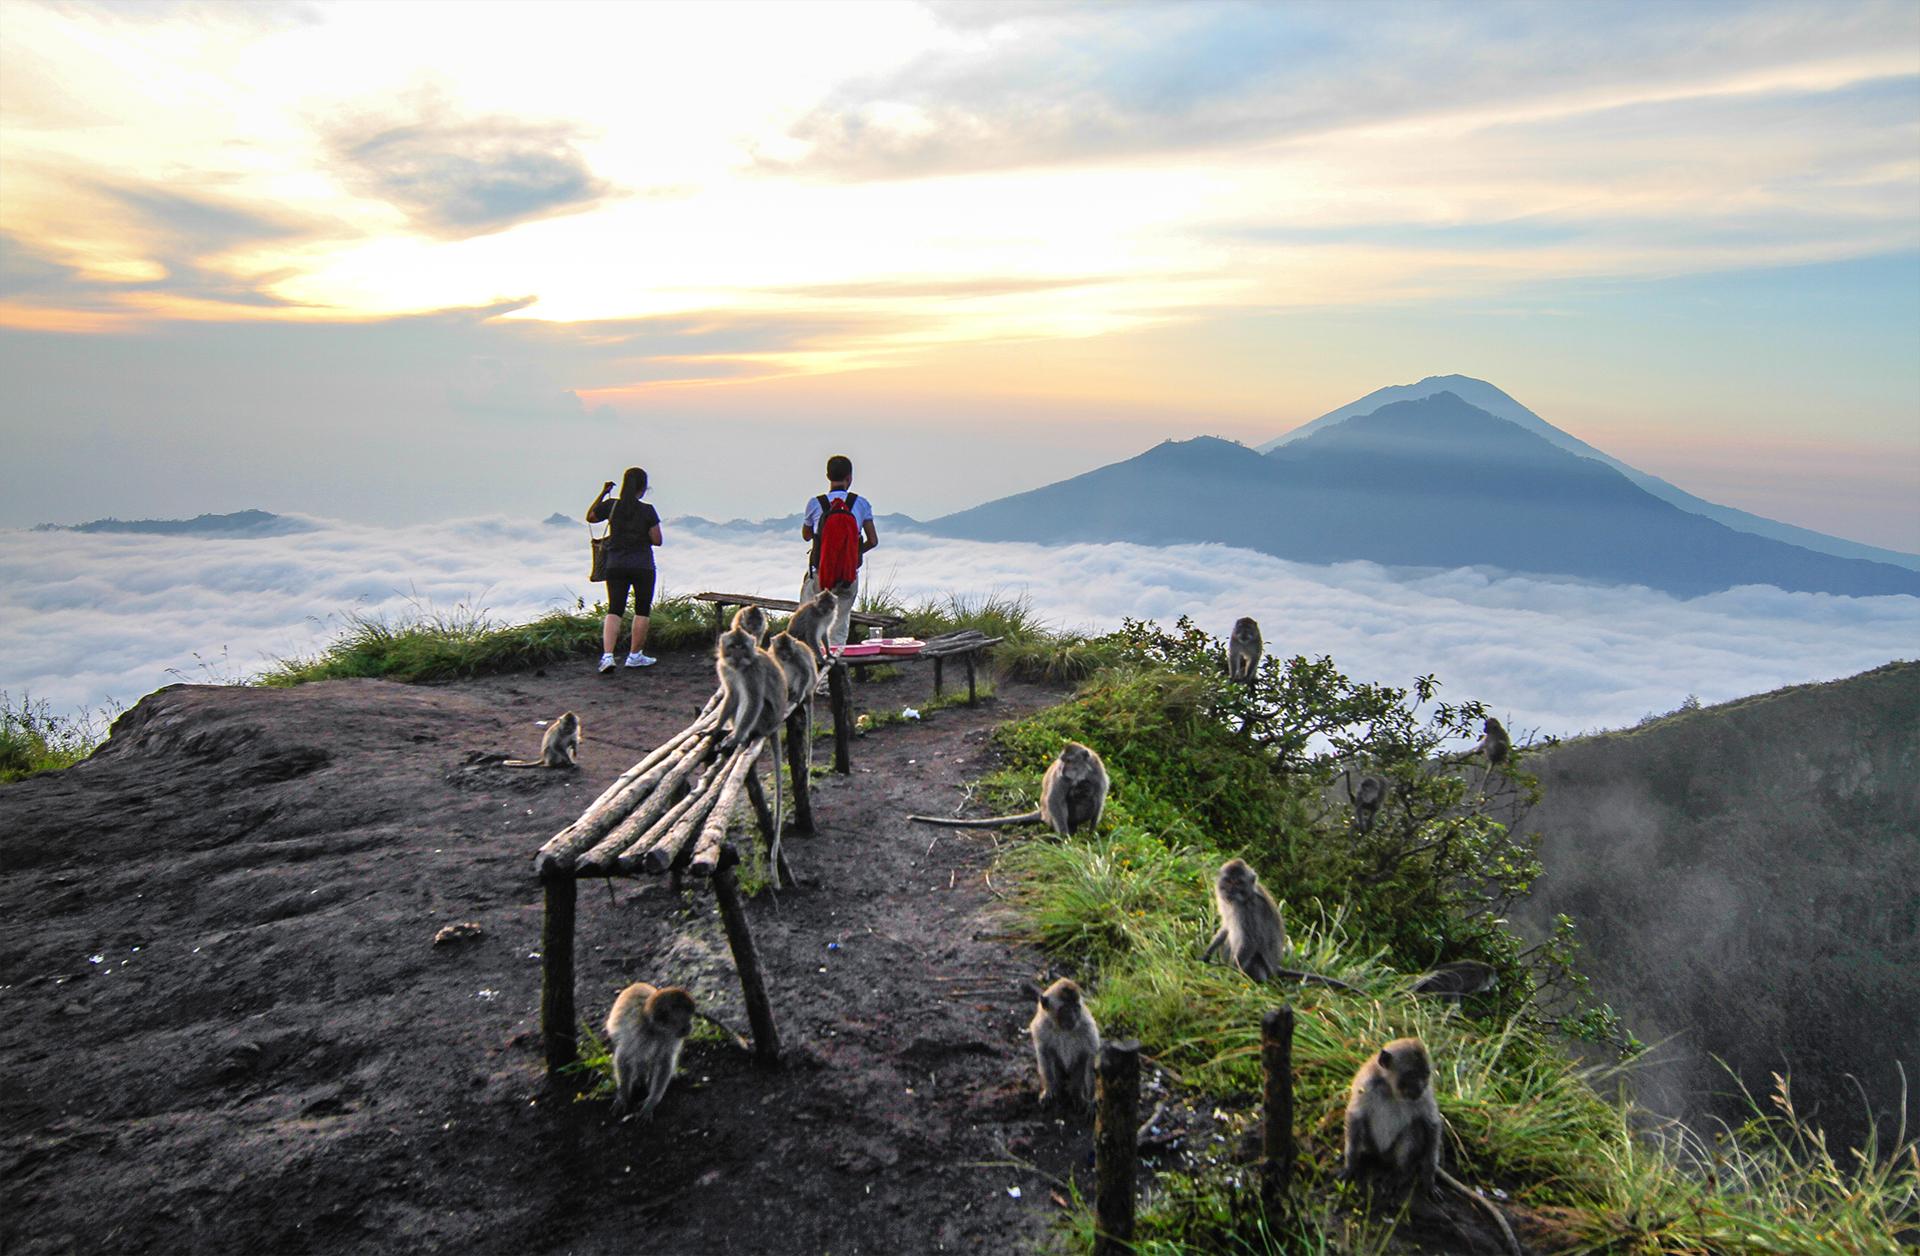 Bali Active Volcano Sunrise Trekking in Bali - Withlocals.com